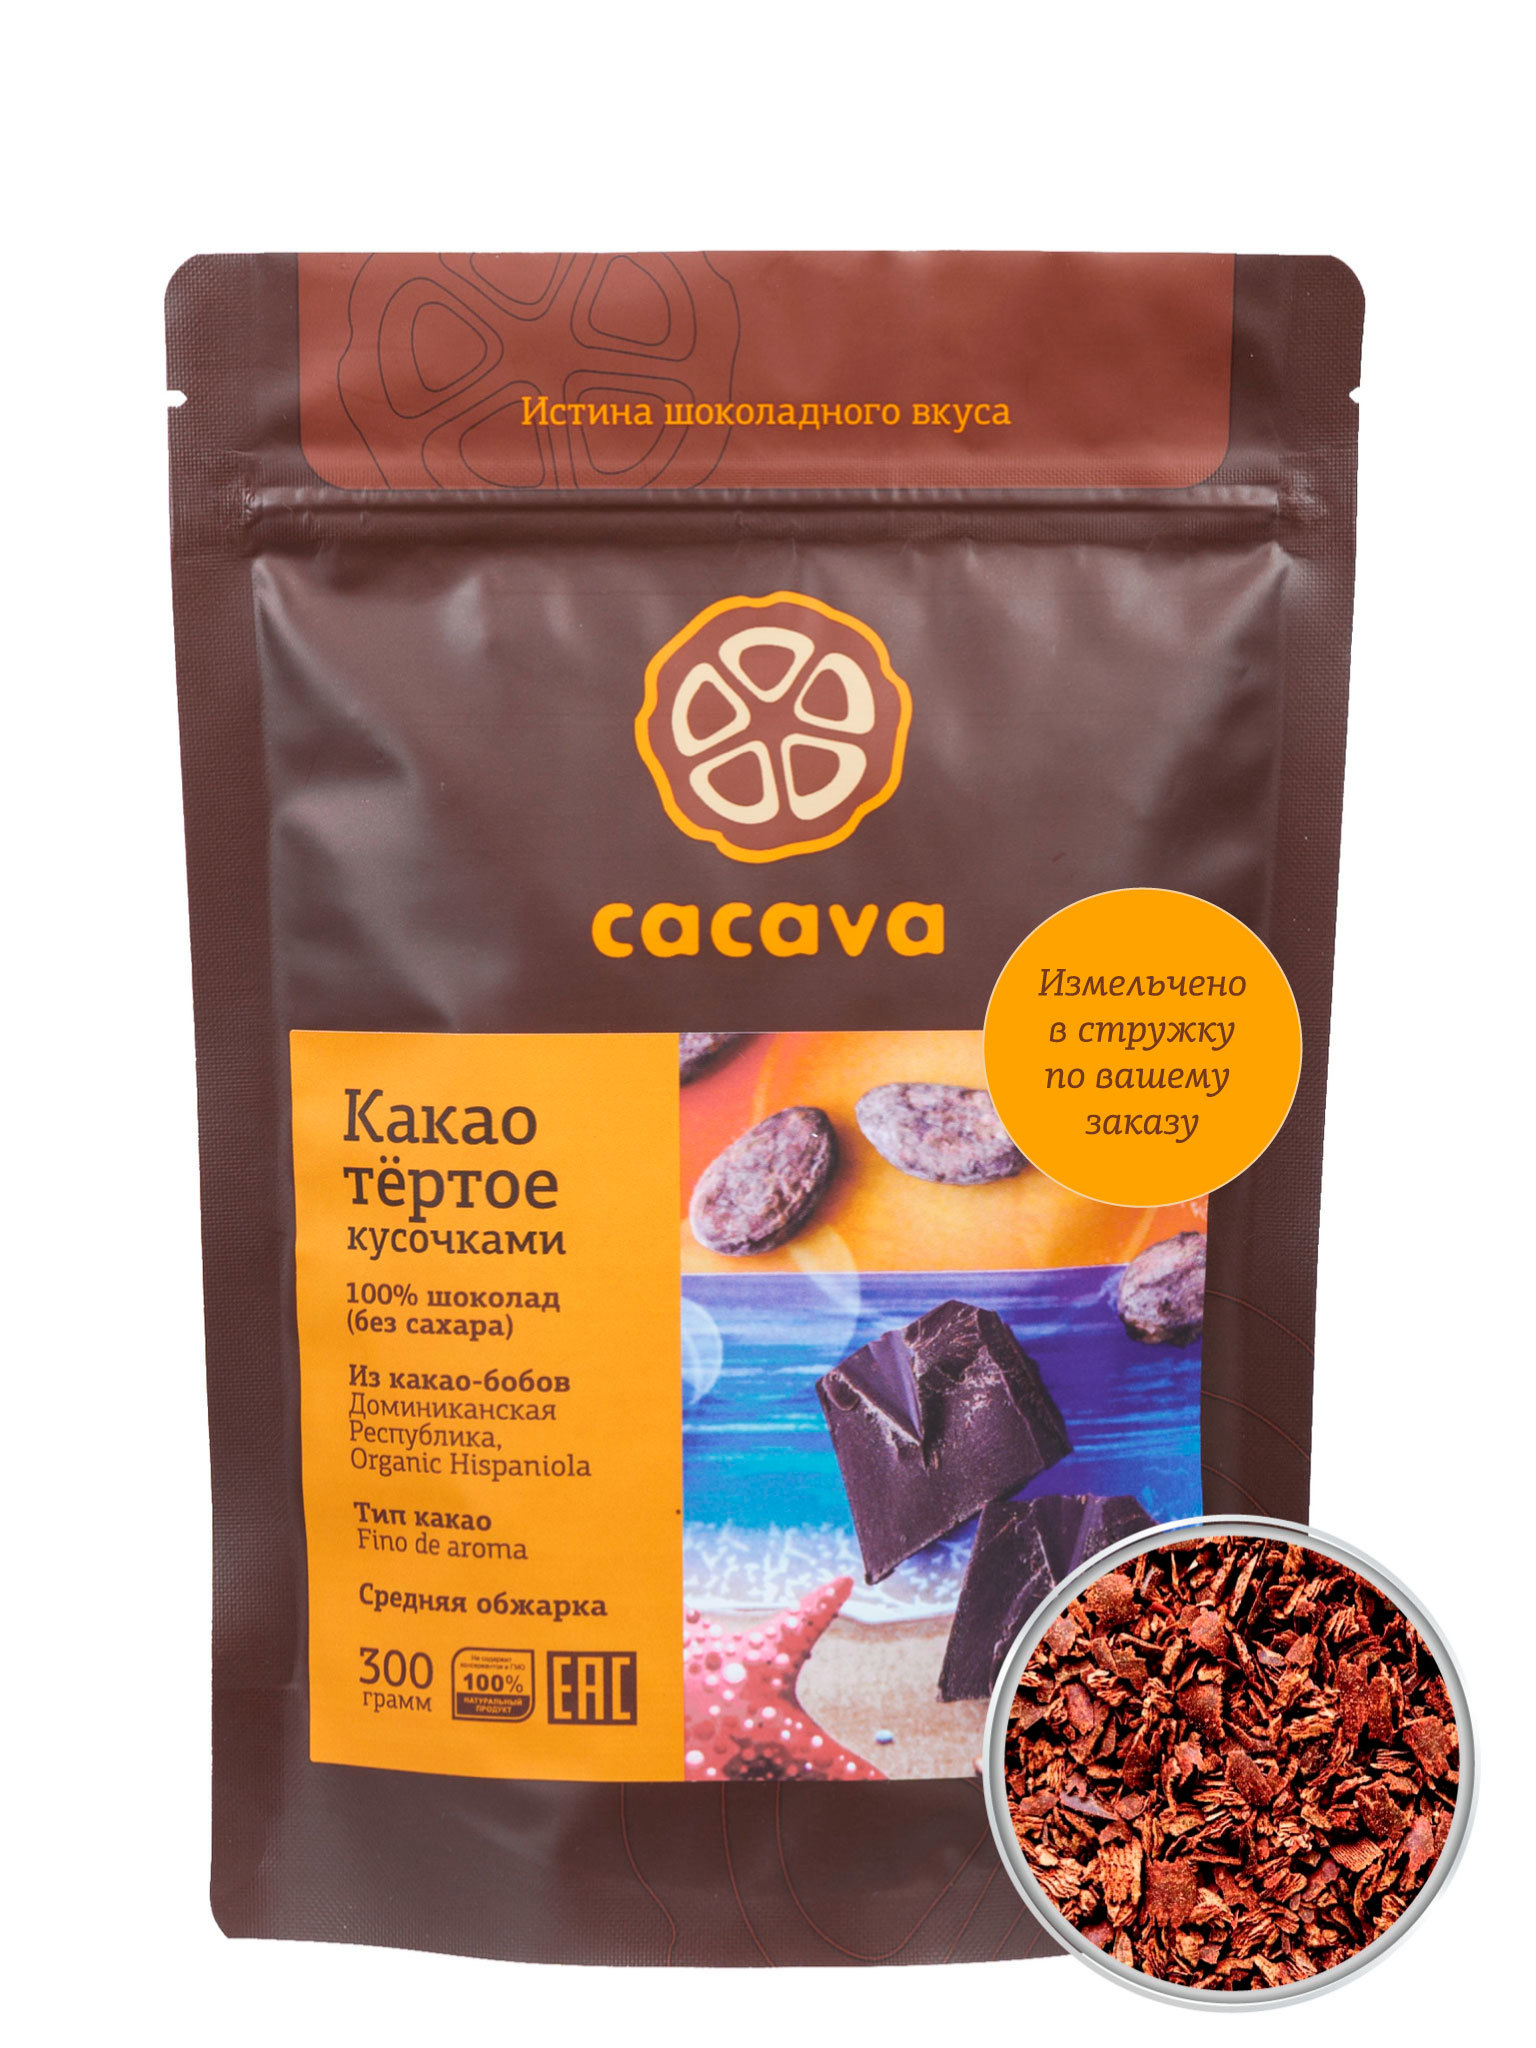 Какао тёртое в стружке (Доминикана, Organic Hispaniola), упаковка 300 грамм